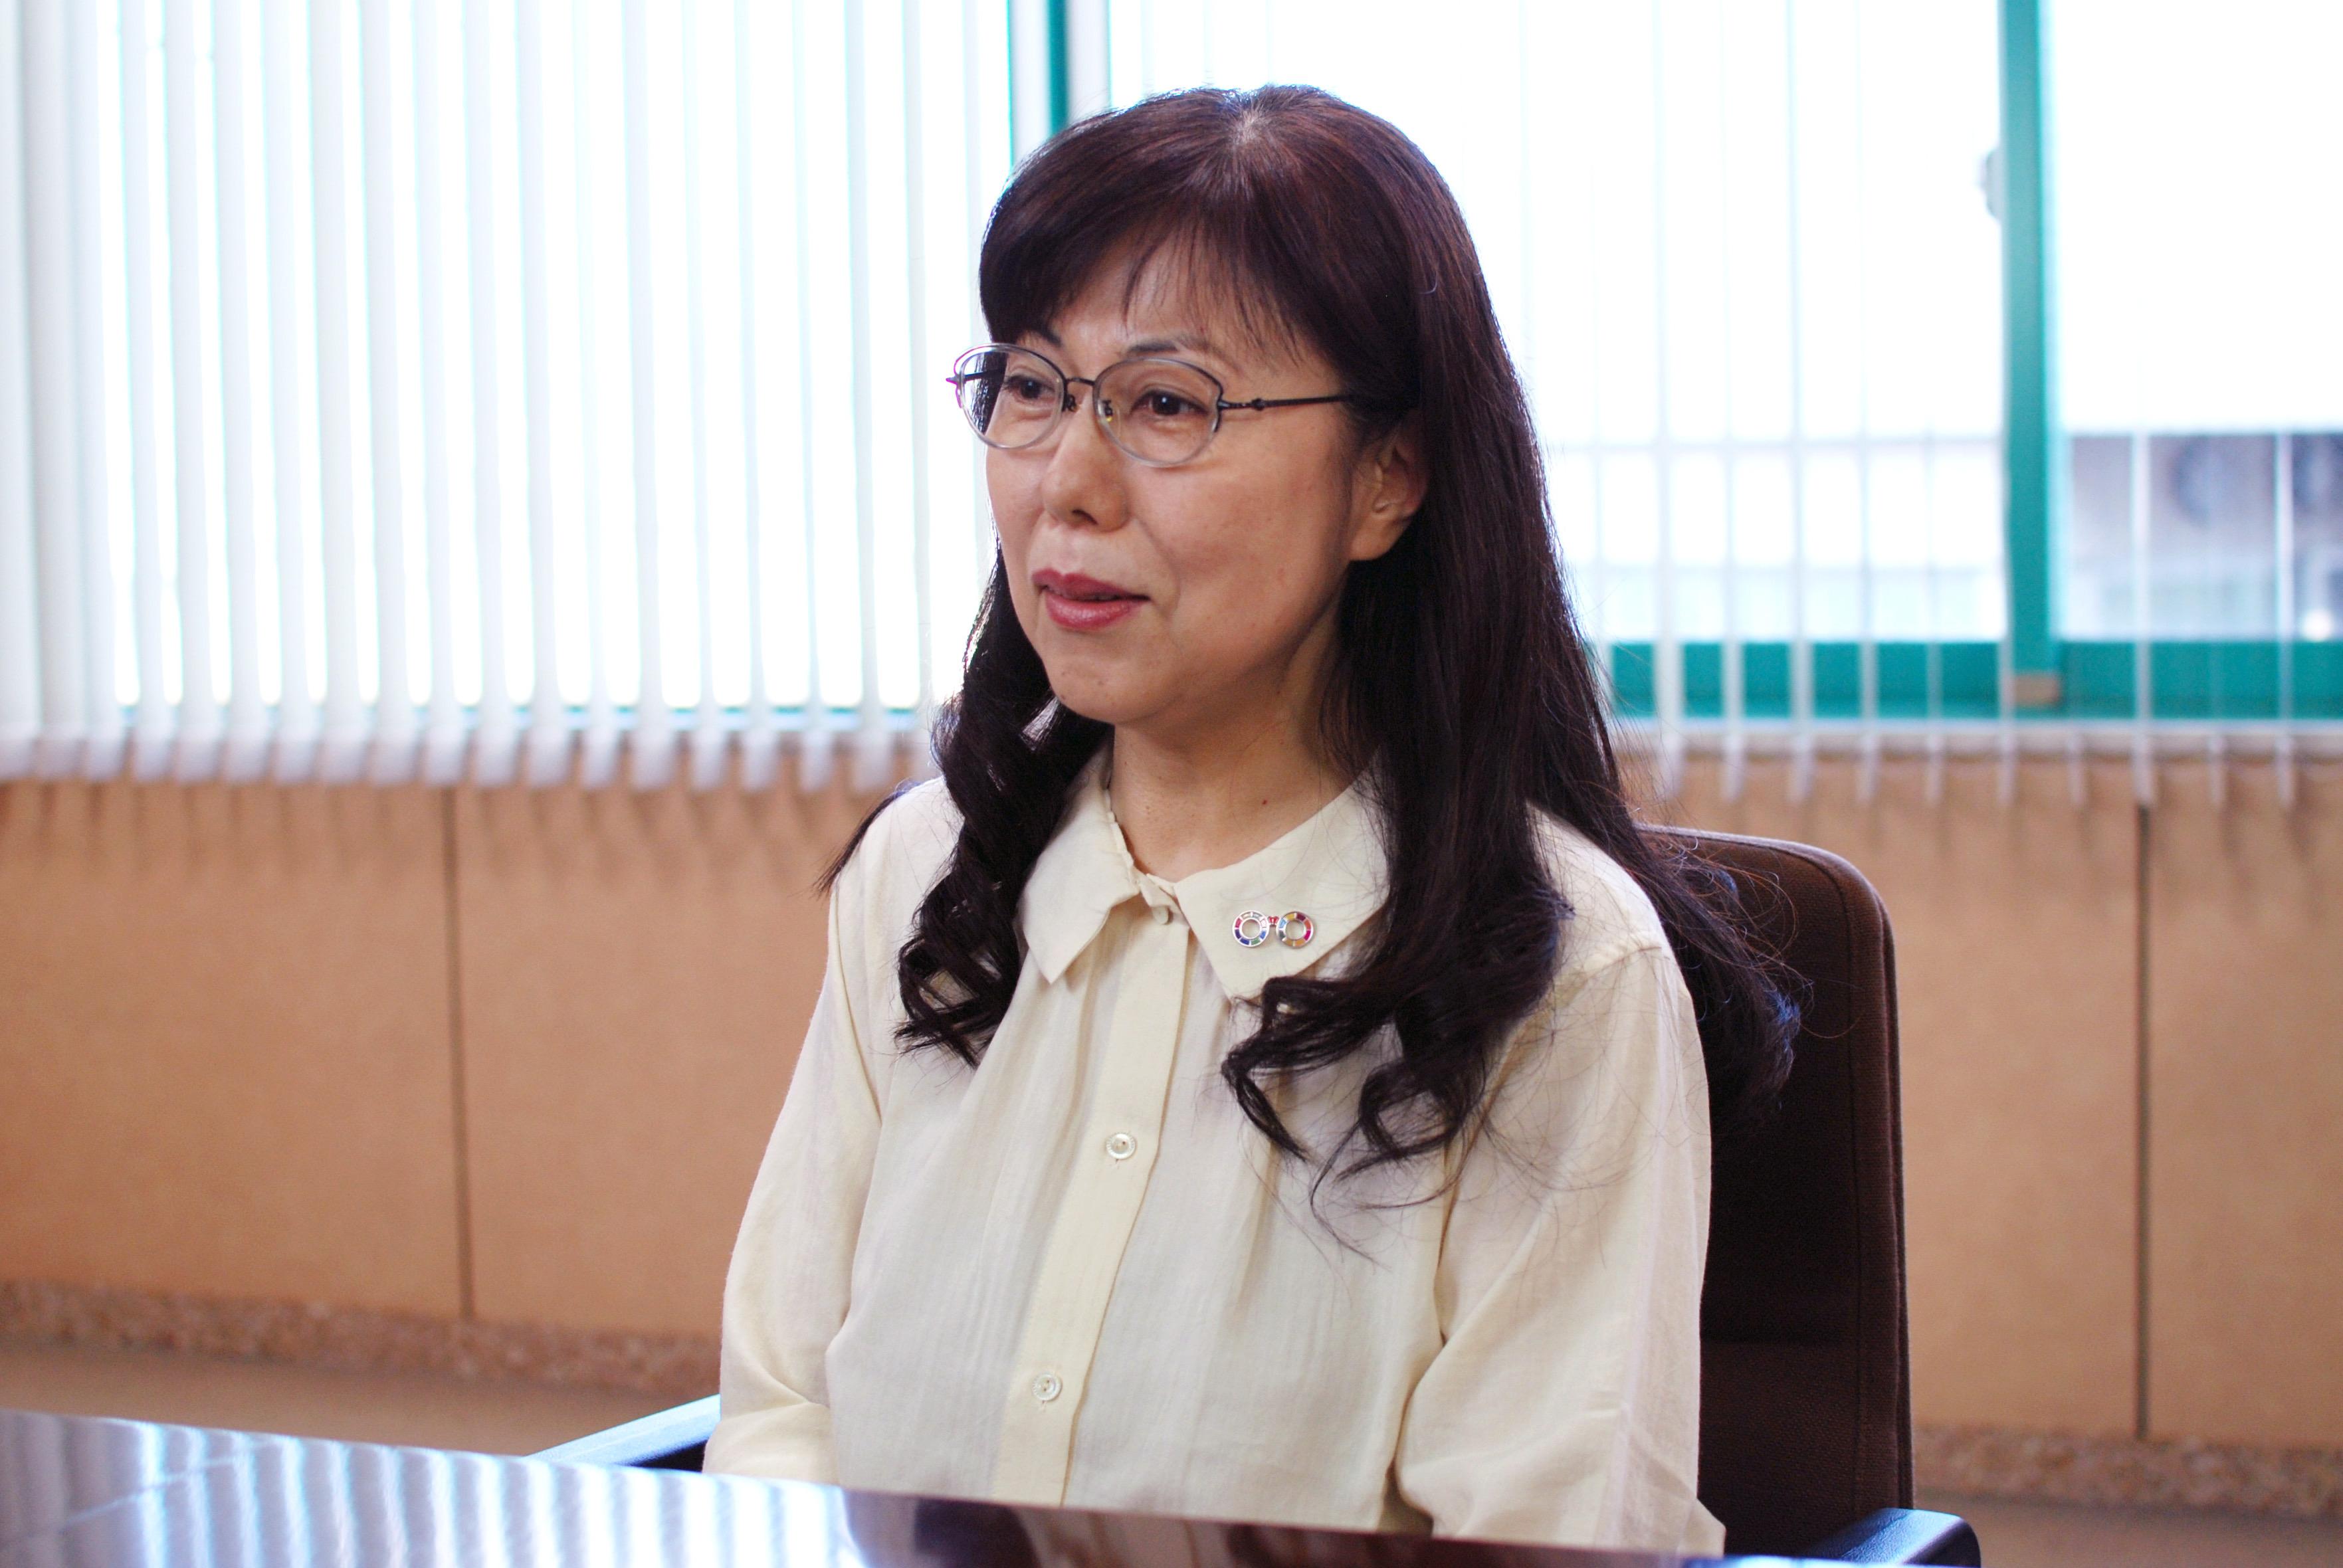 http://日本眼鏡技術者協会%20広報部長%20杉本佳菜子氏